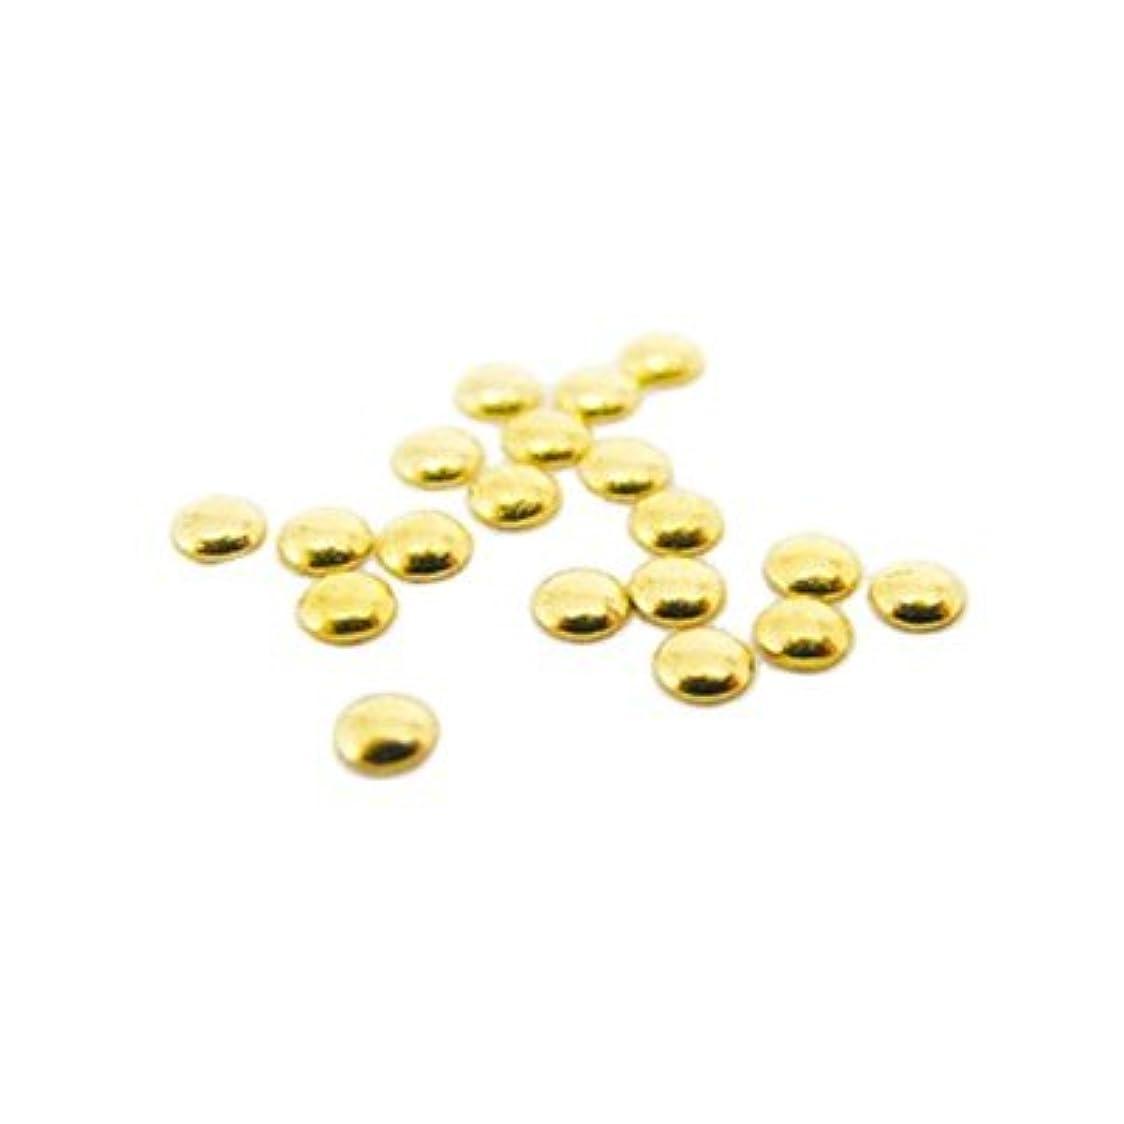 すぐに品種暴君ピアドラ スタッズ 1.5mm 100P ゴールド